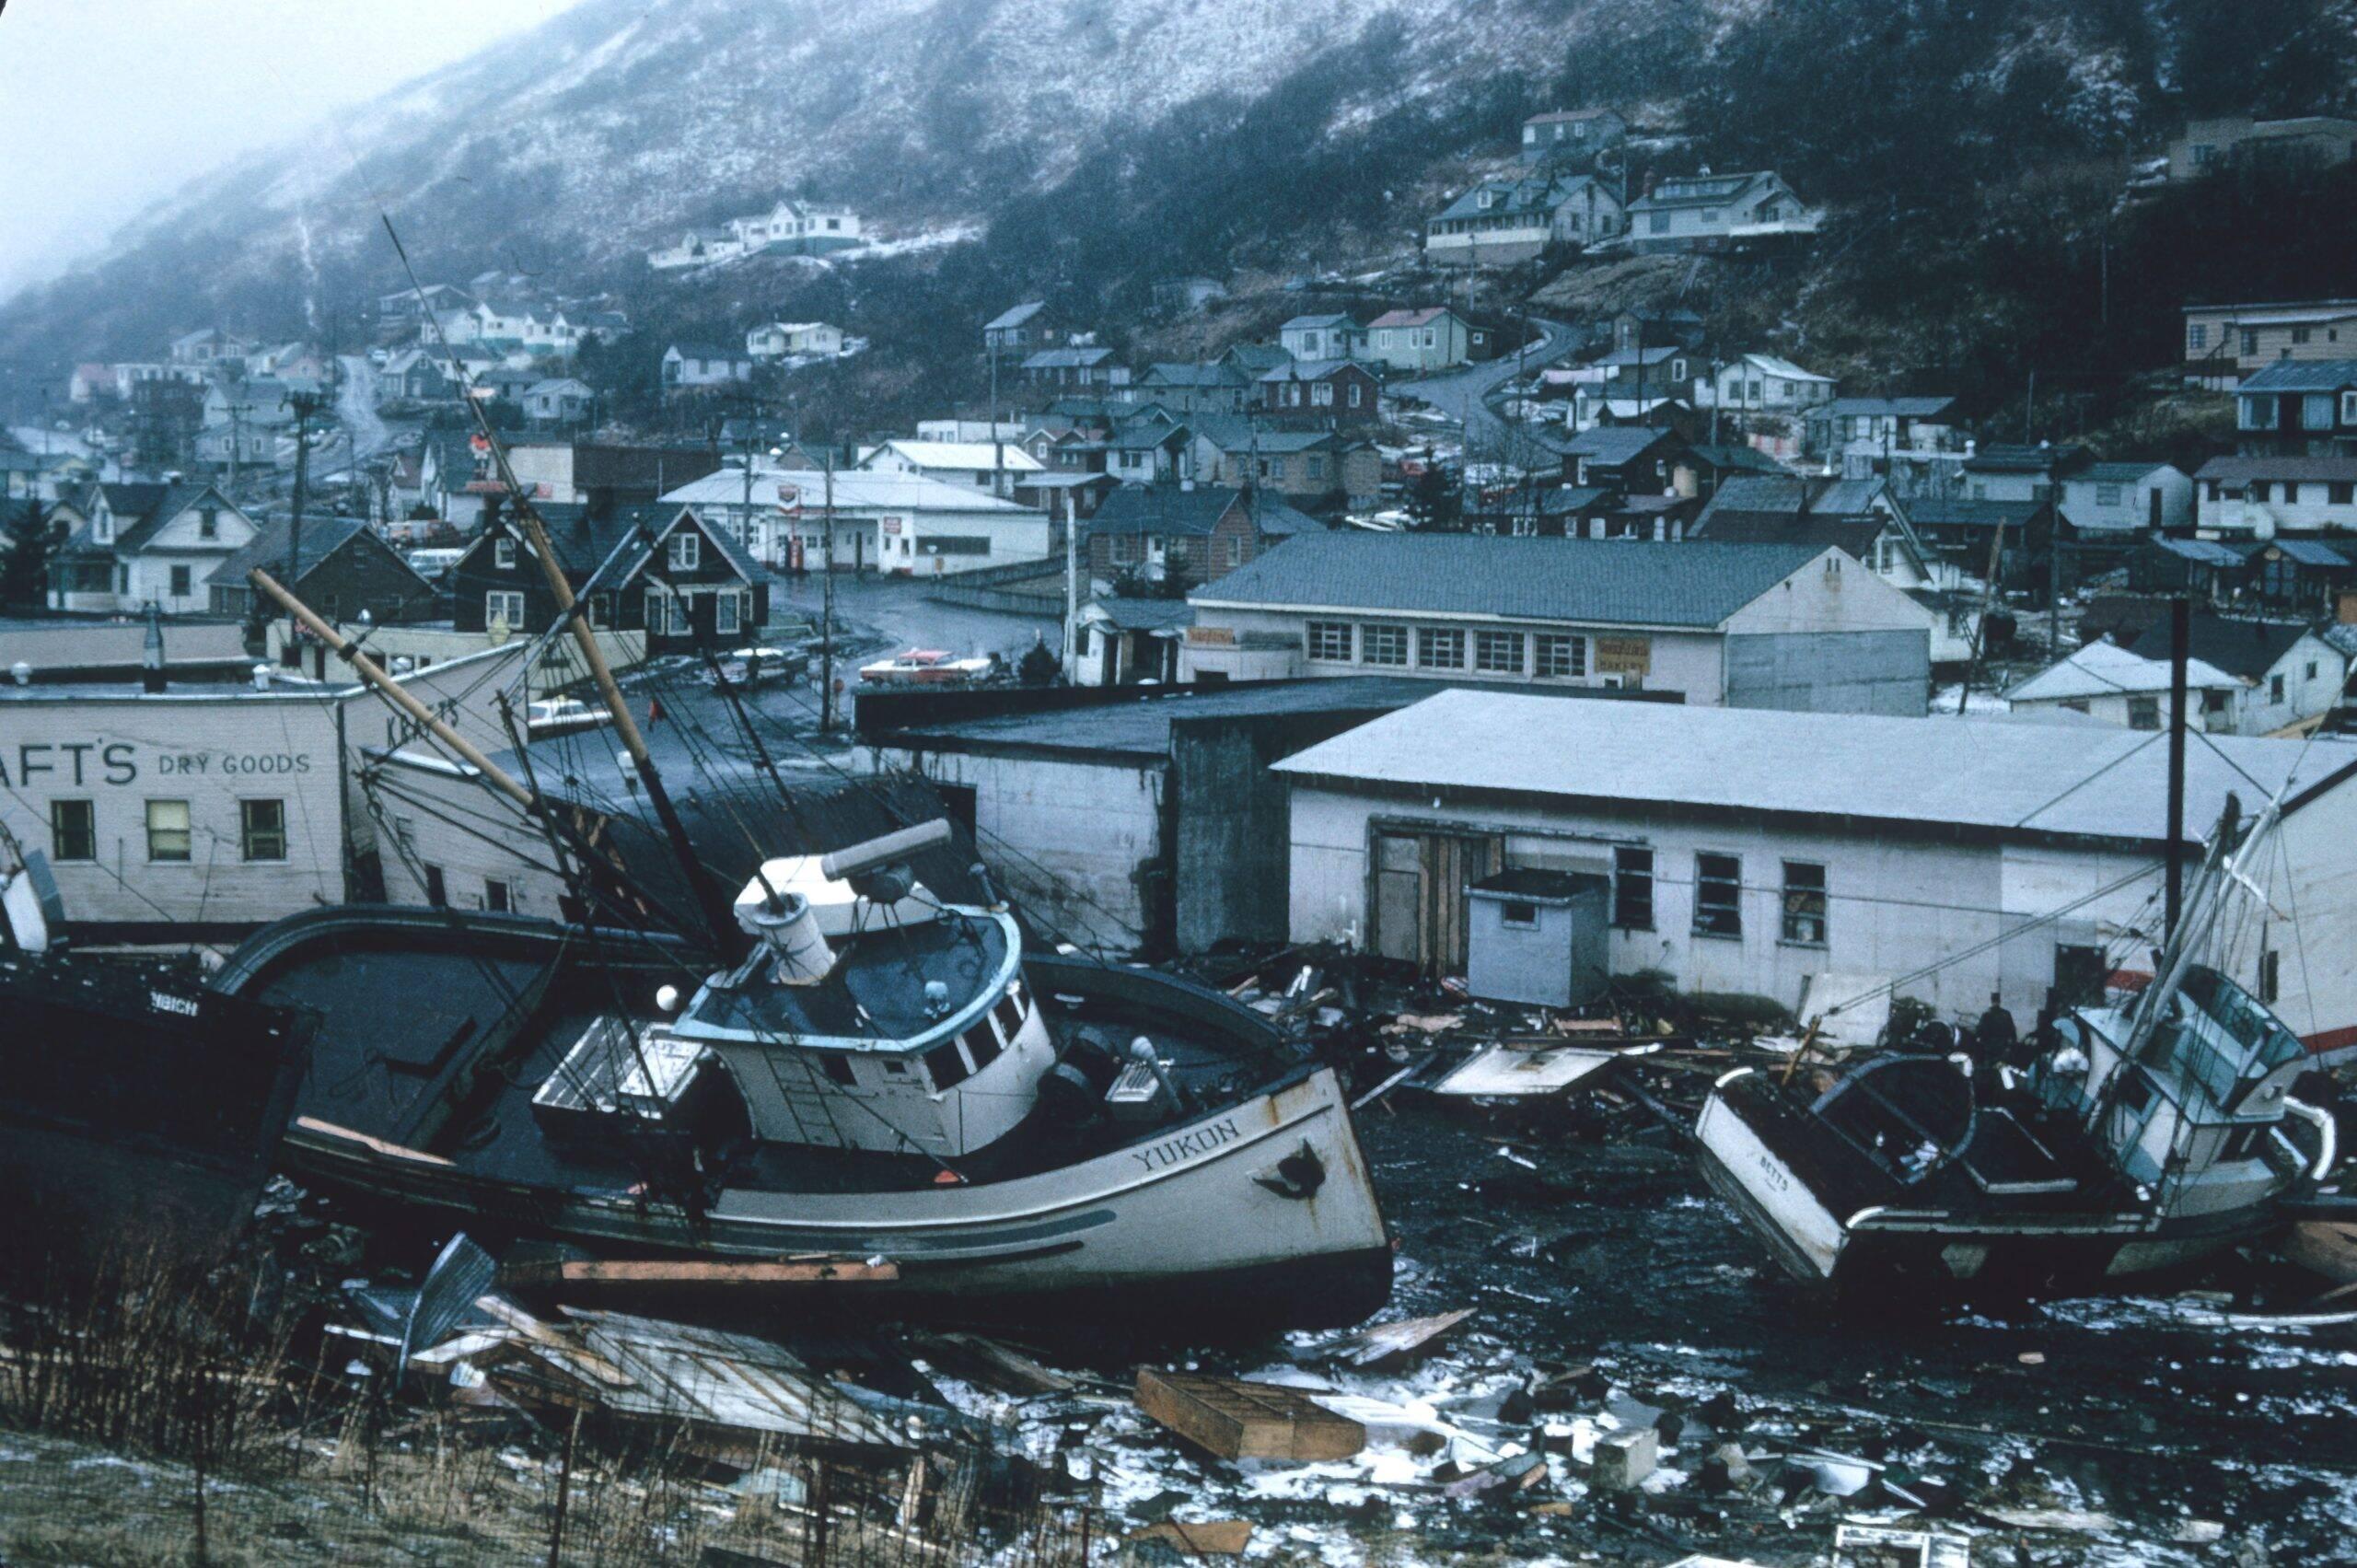 As ondas gigantes passaram destruindo tudo ao redor. A catástrofe deixou aproximadamente 230 mil mortos. (Foto: Unsplash)